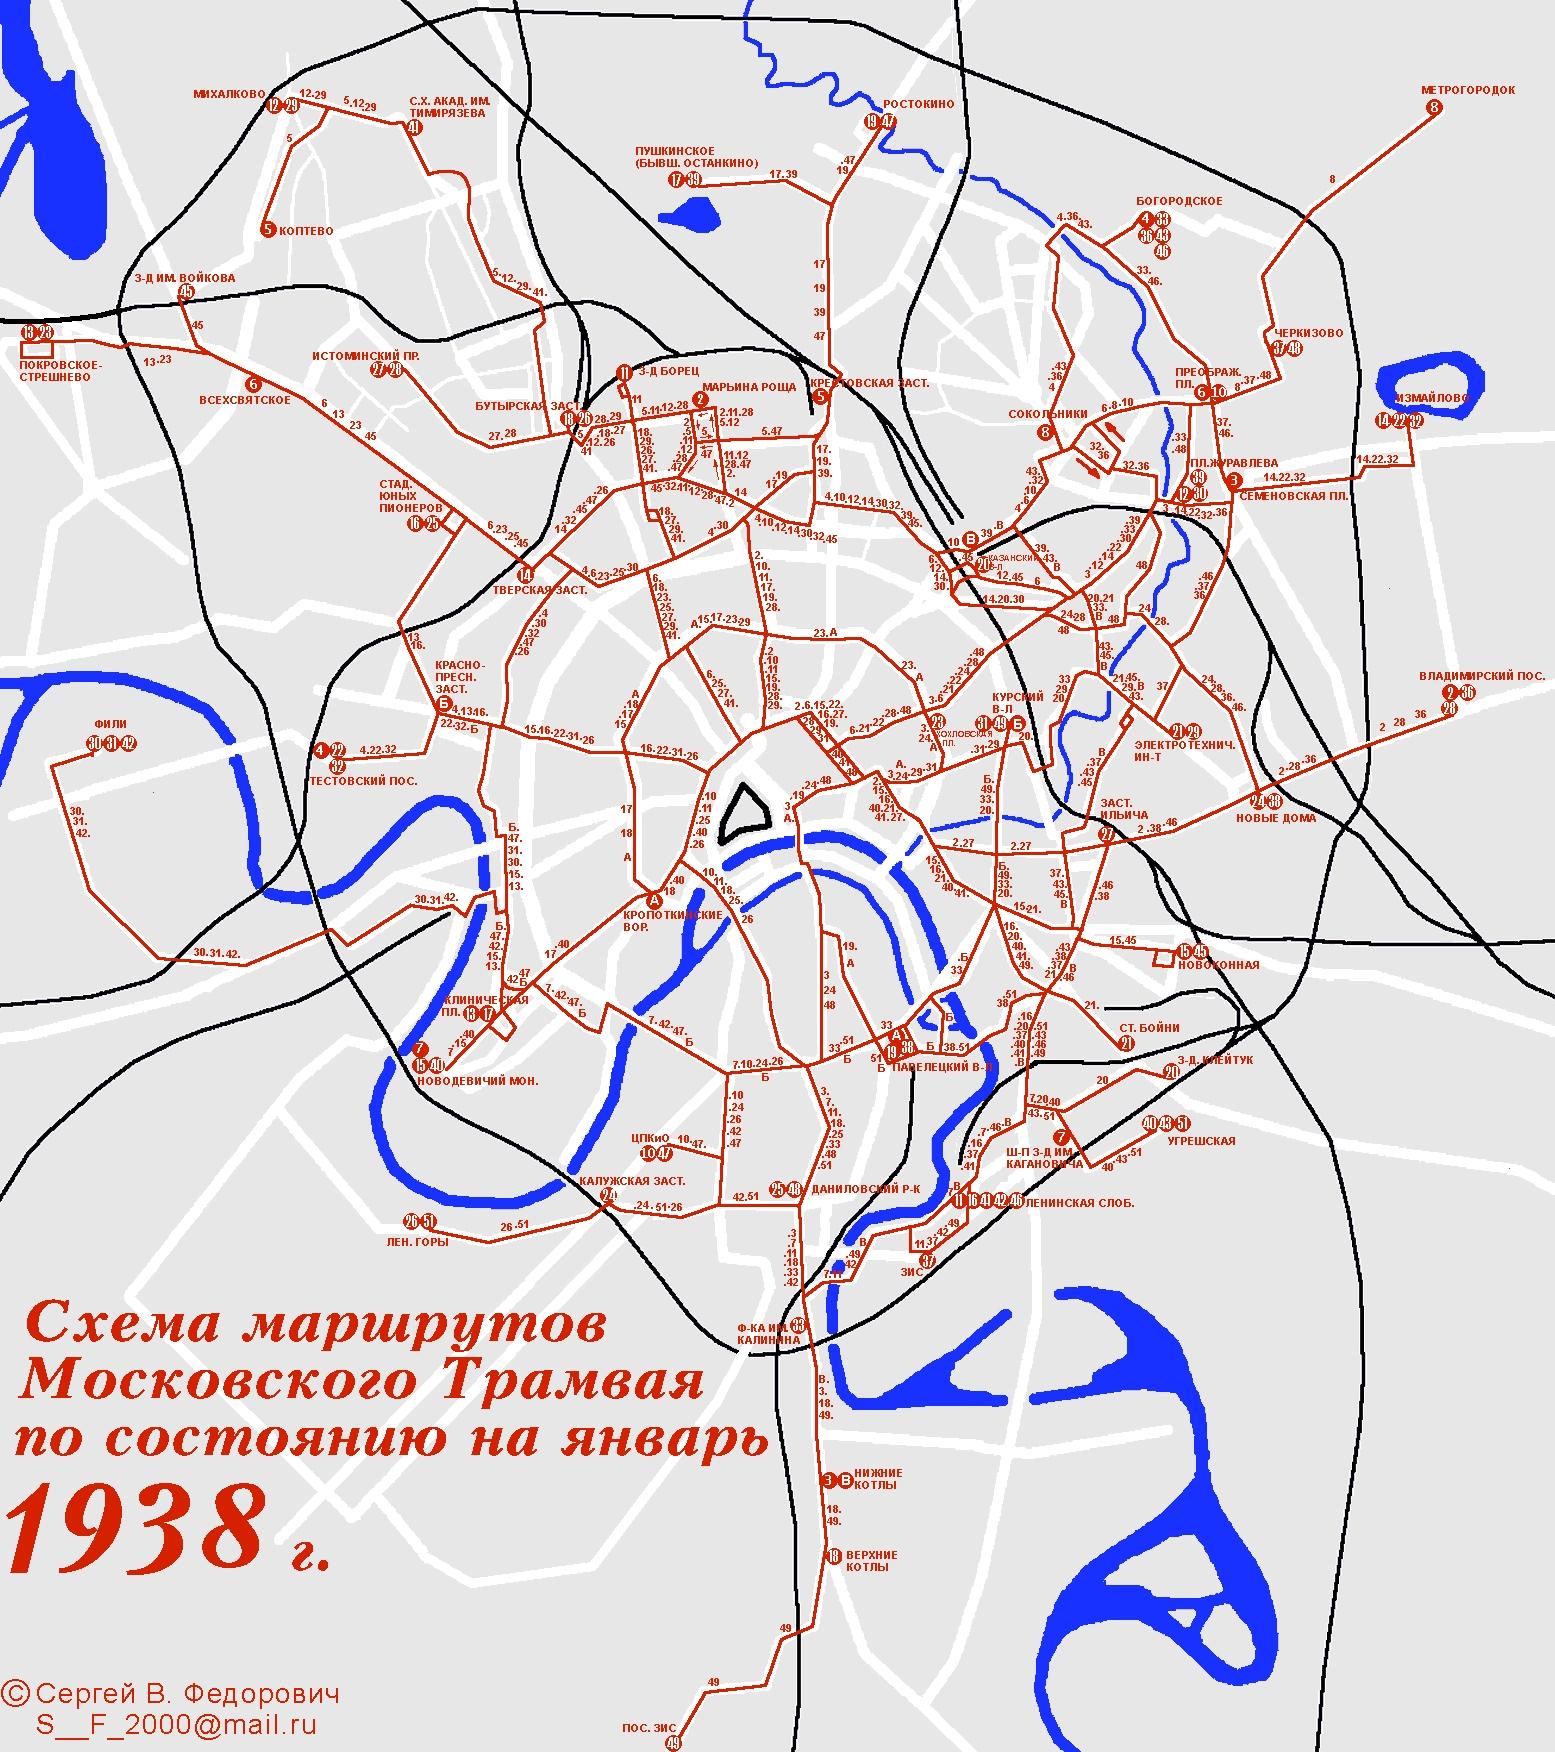 Схема движение поезда москва-кисловодск